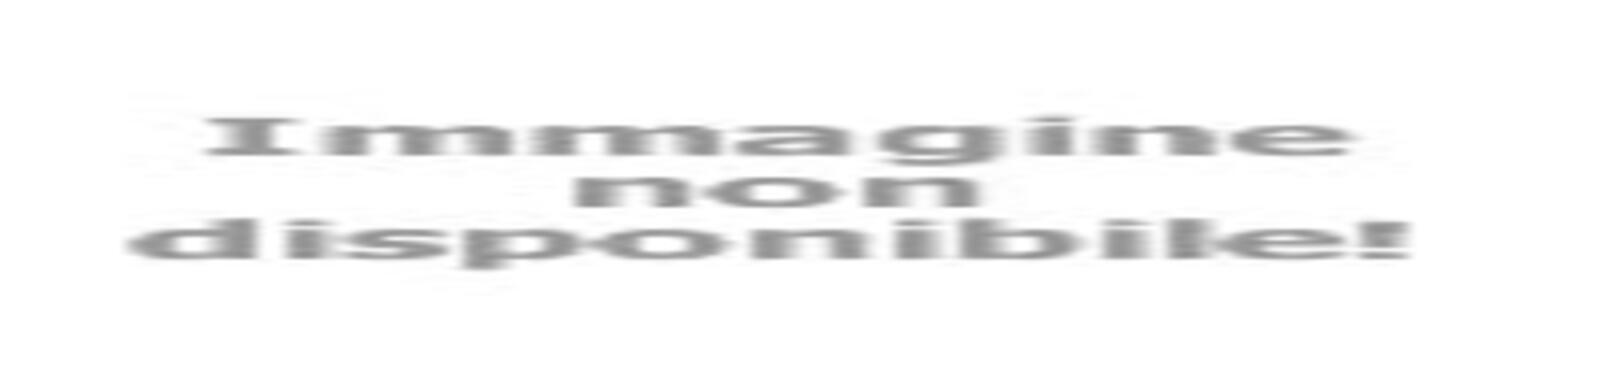 petronianaviaggi it pieve-santo-stefano-la-citta-del-diario-v250 002